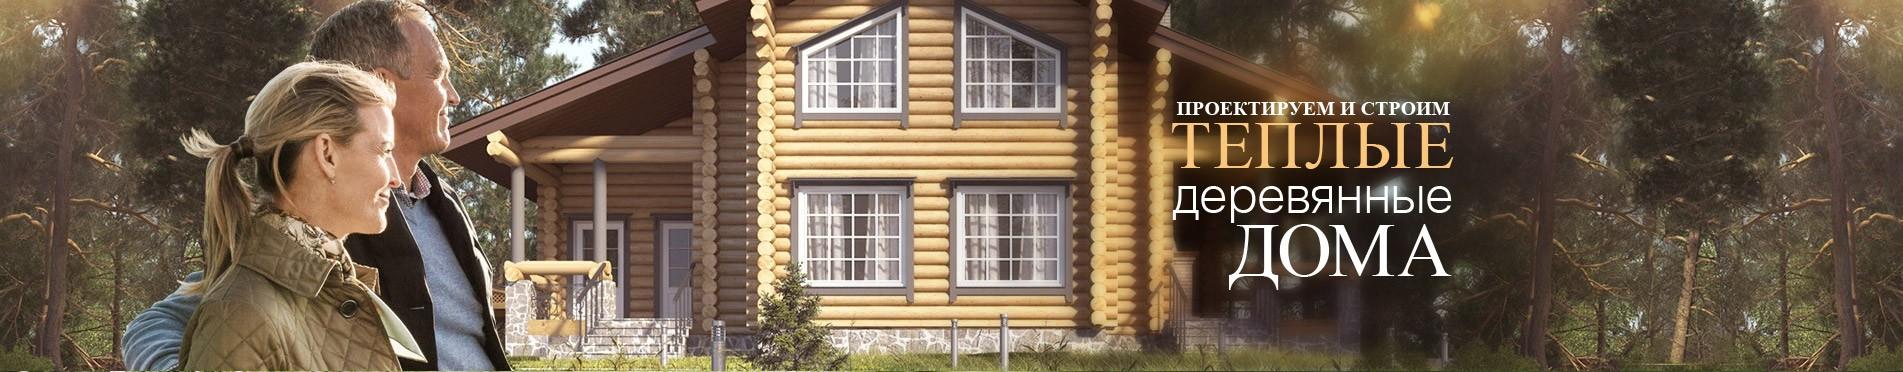 Норд Форест. Мы строим теплые дома